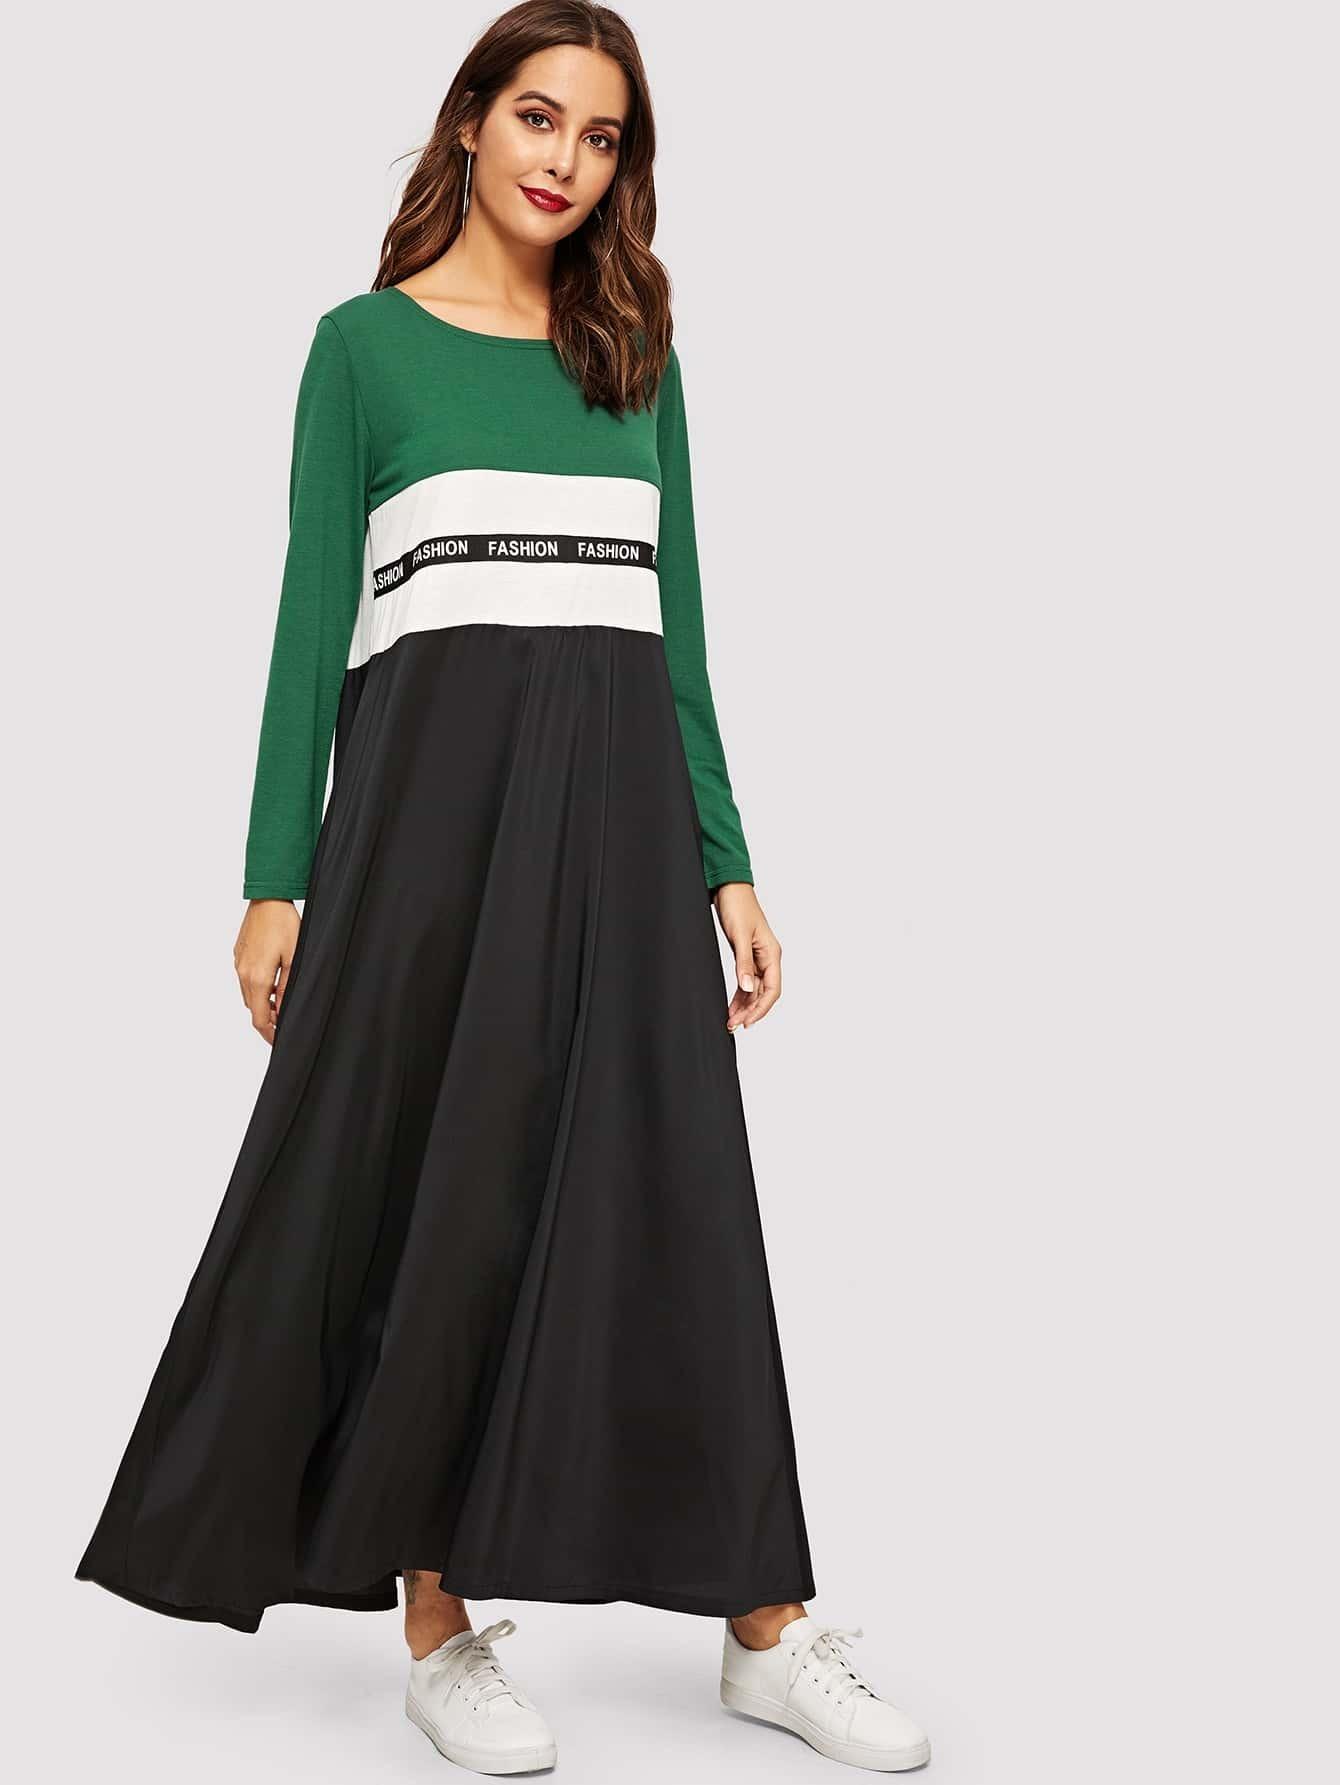 Купить Контрастное длинное платье с текстовым принтом в полоску, Giulia, SheIn